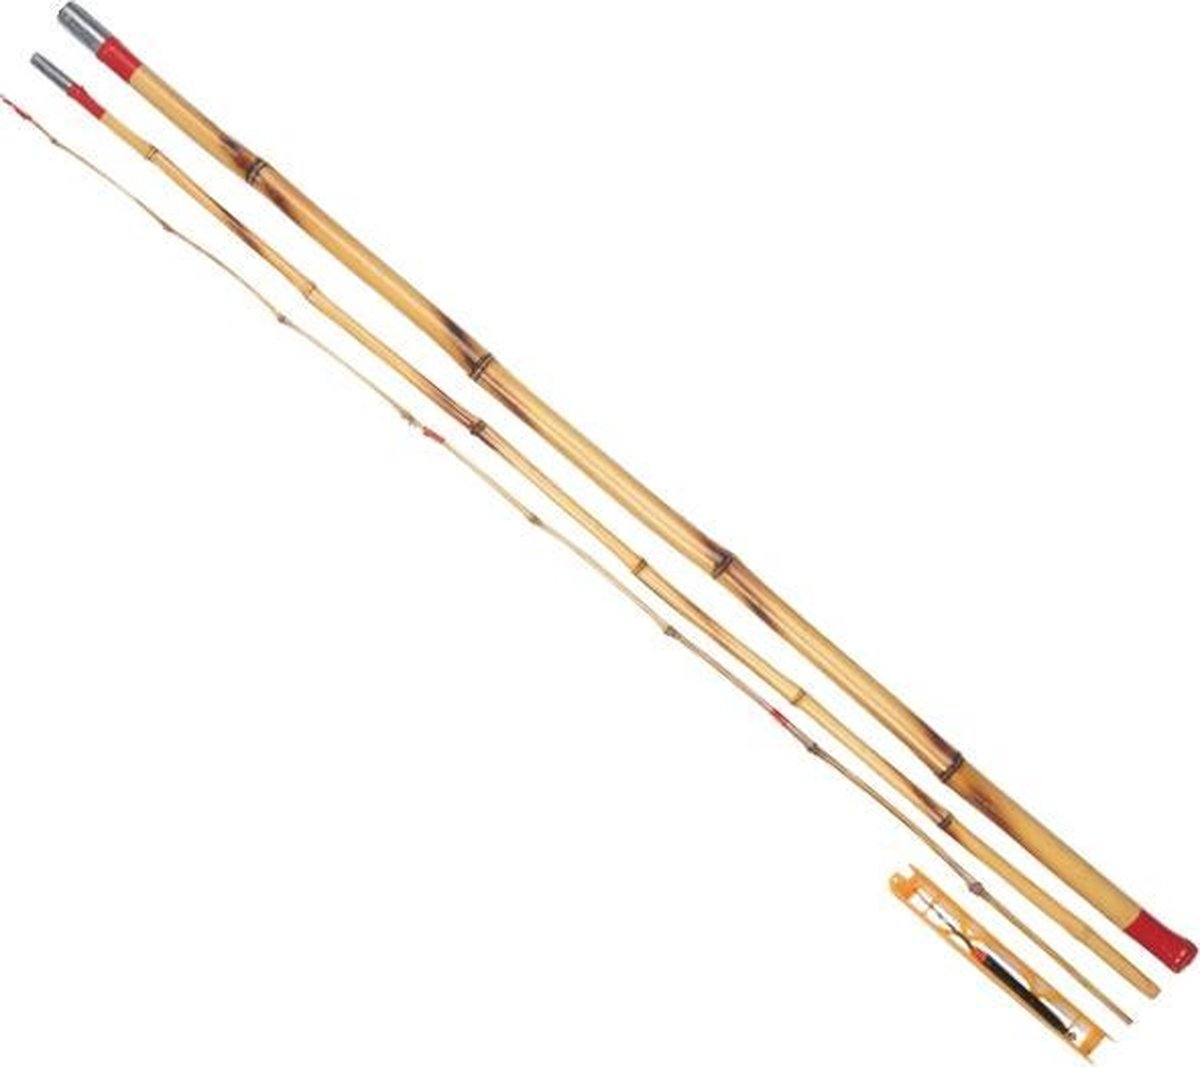 Albatros Bamboe Set - Vaste Hengel + Tuig - 3 meter